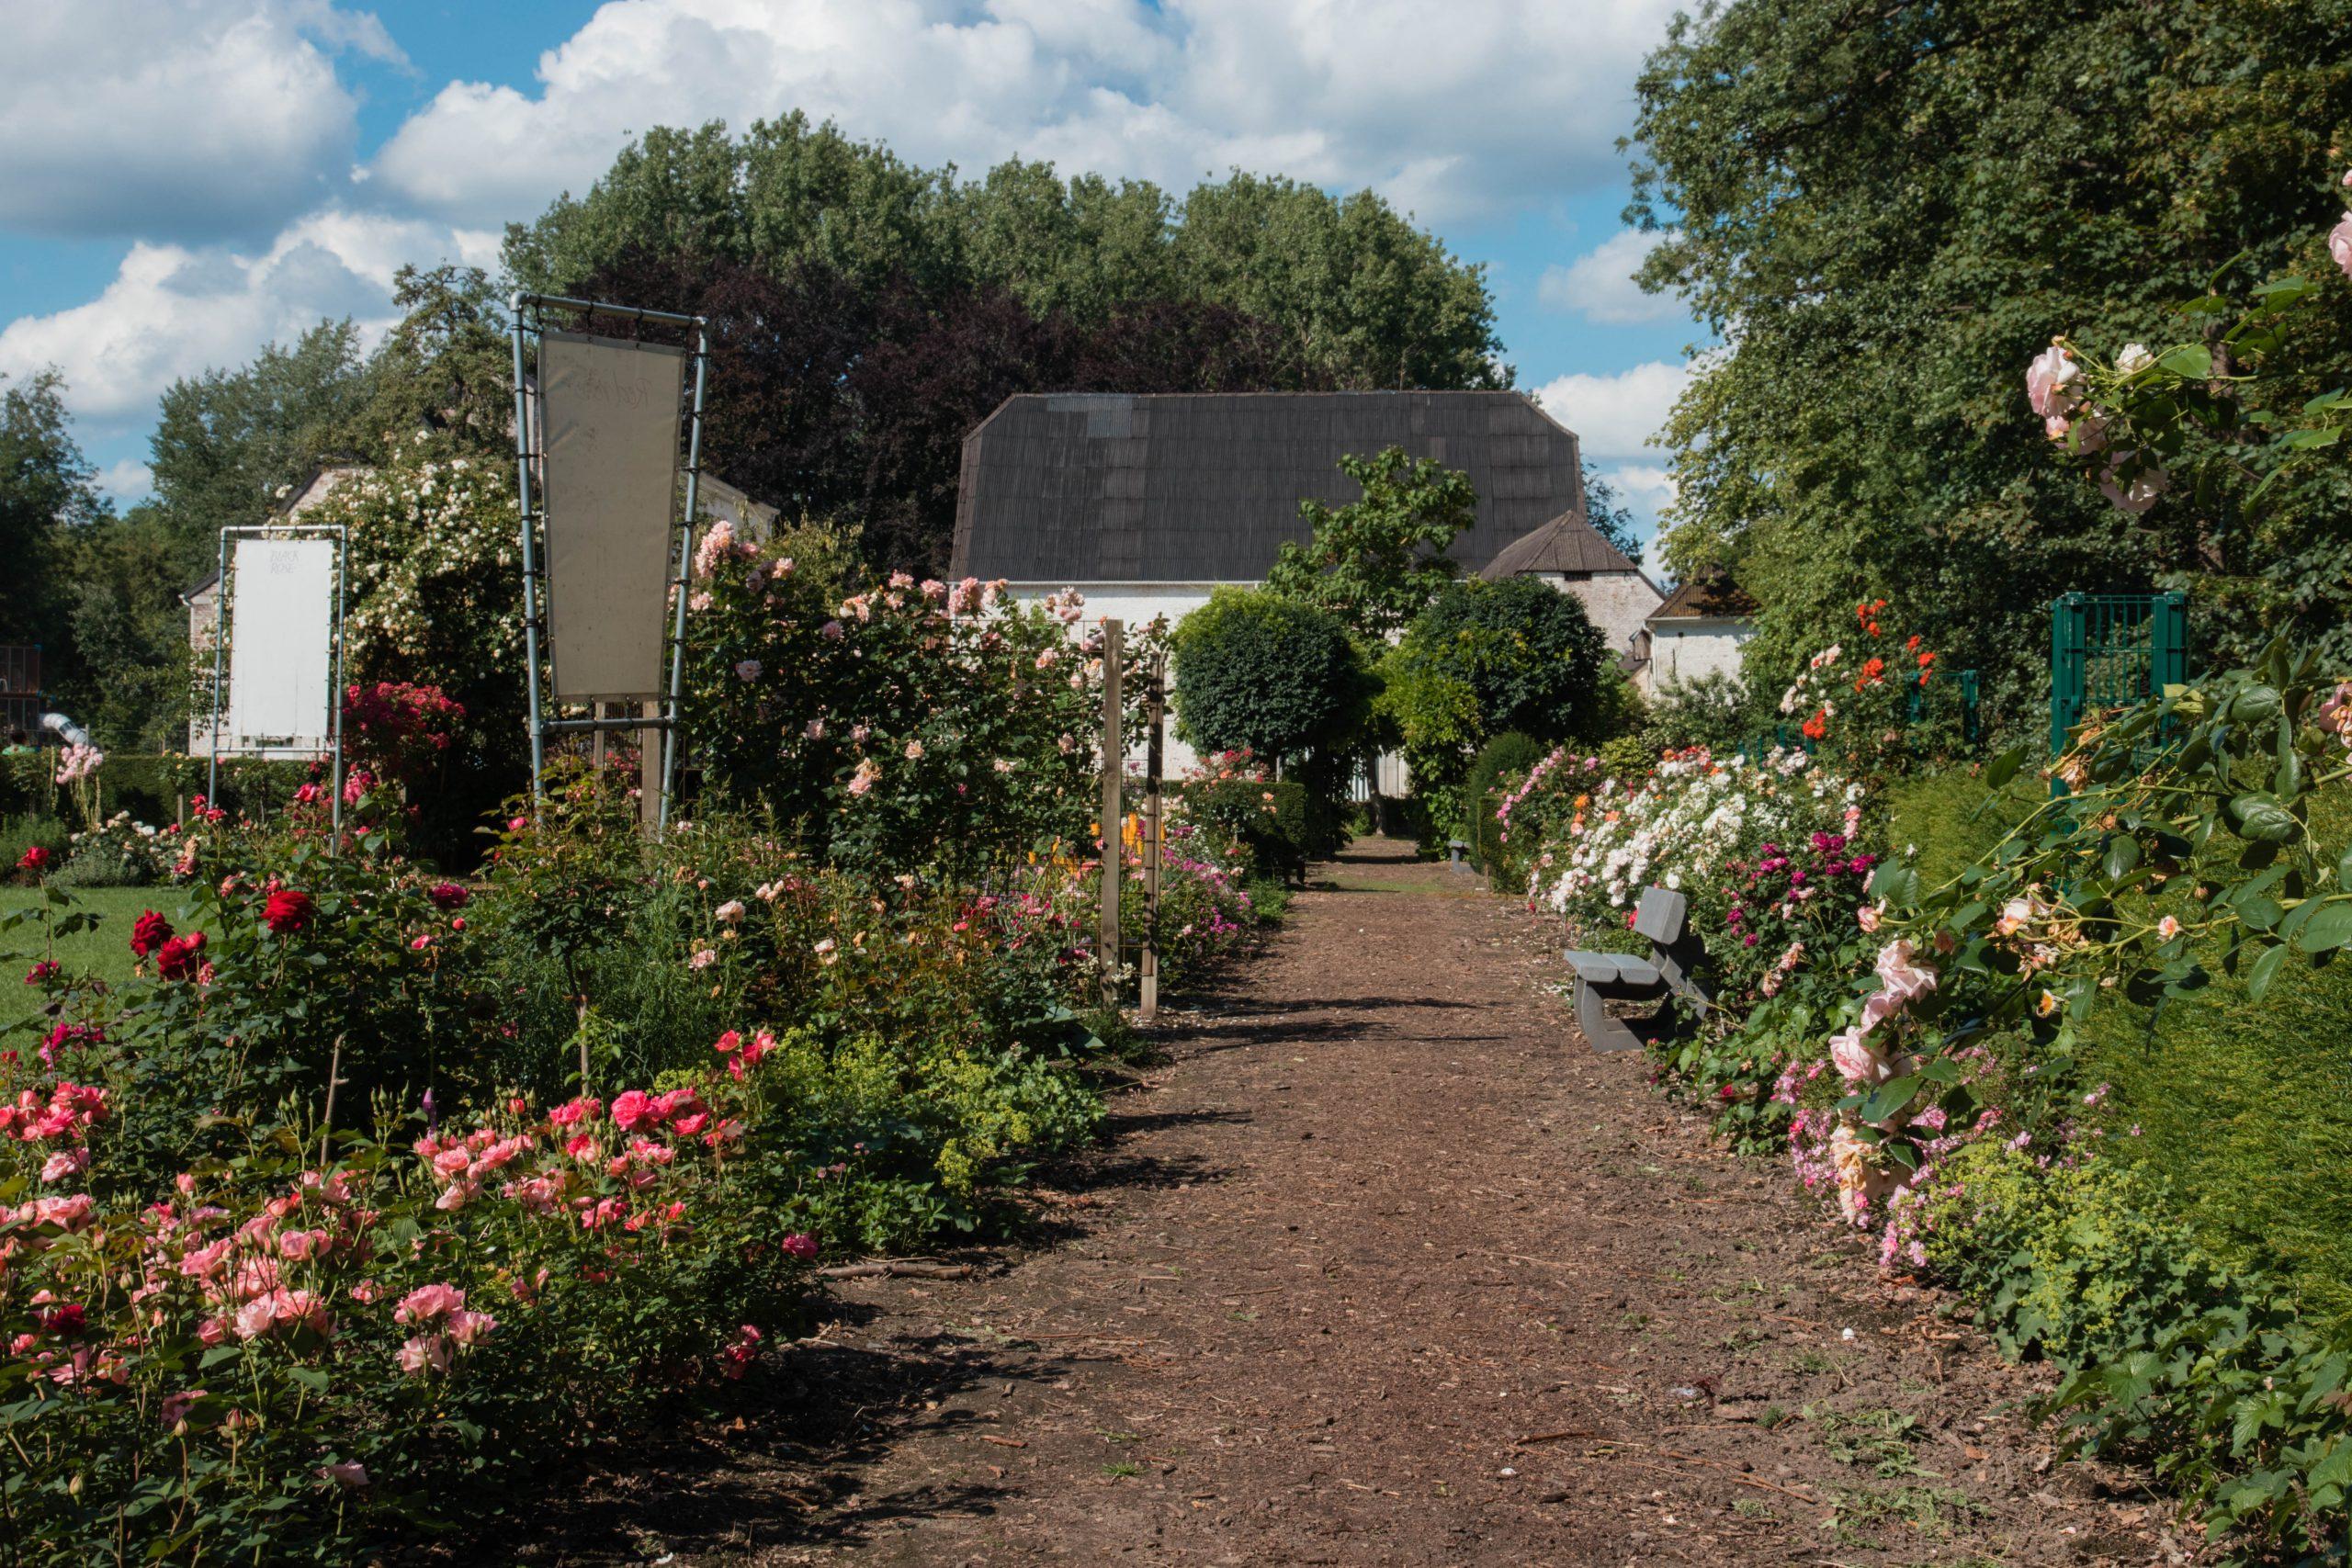 De rozentuin in Sint-Truiden: mijn vaste wandeling